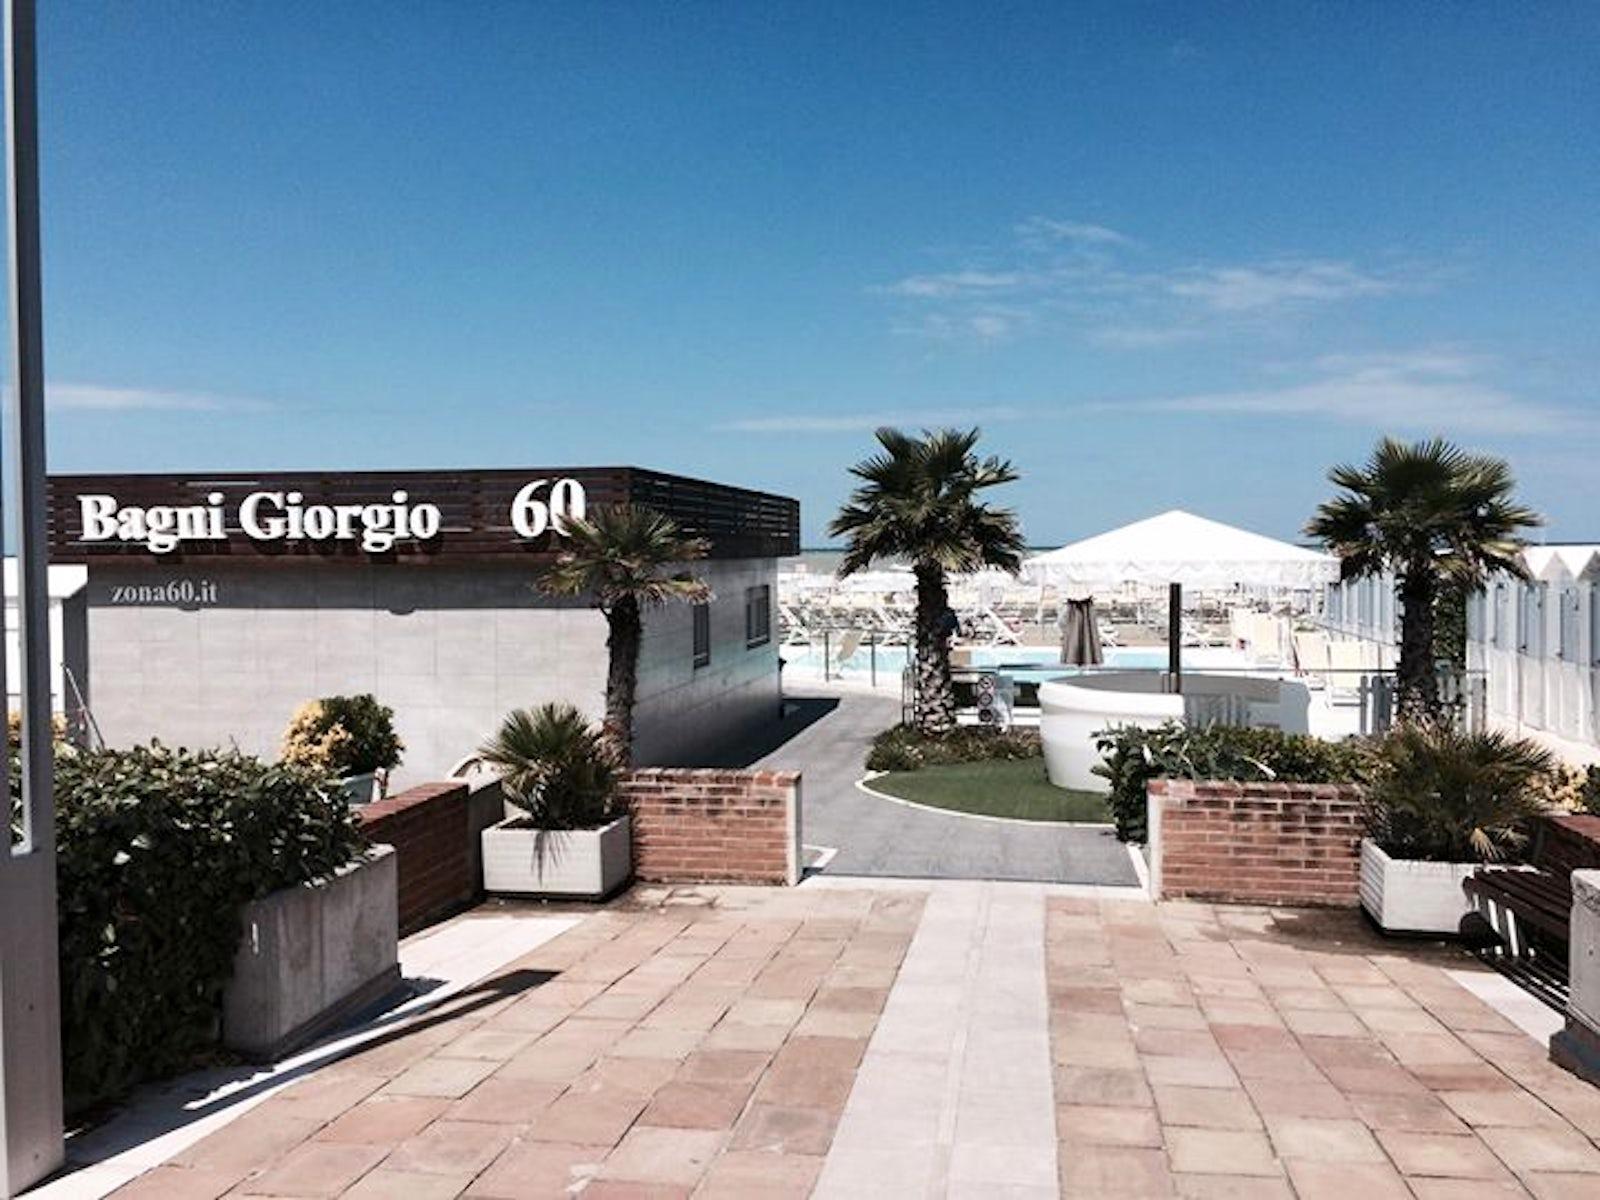 Travel inspired - Location - Spiaggia 60 Riccione \